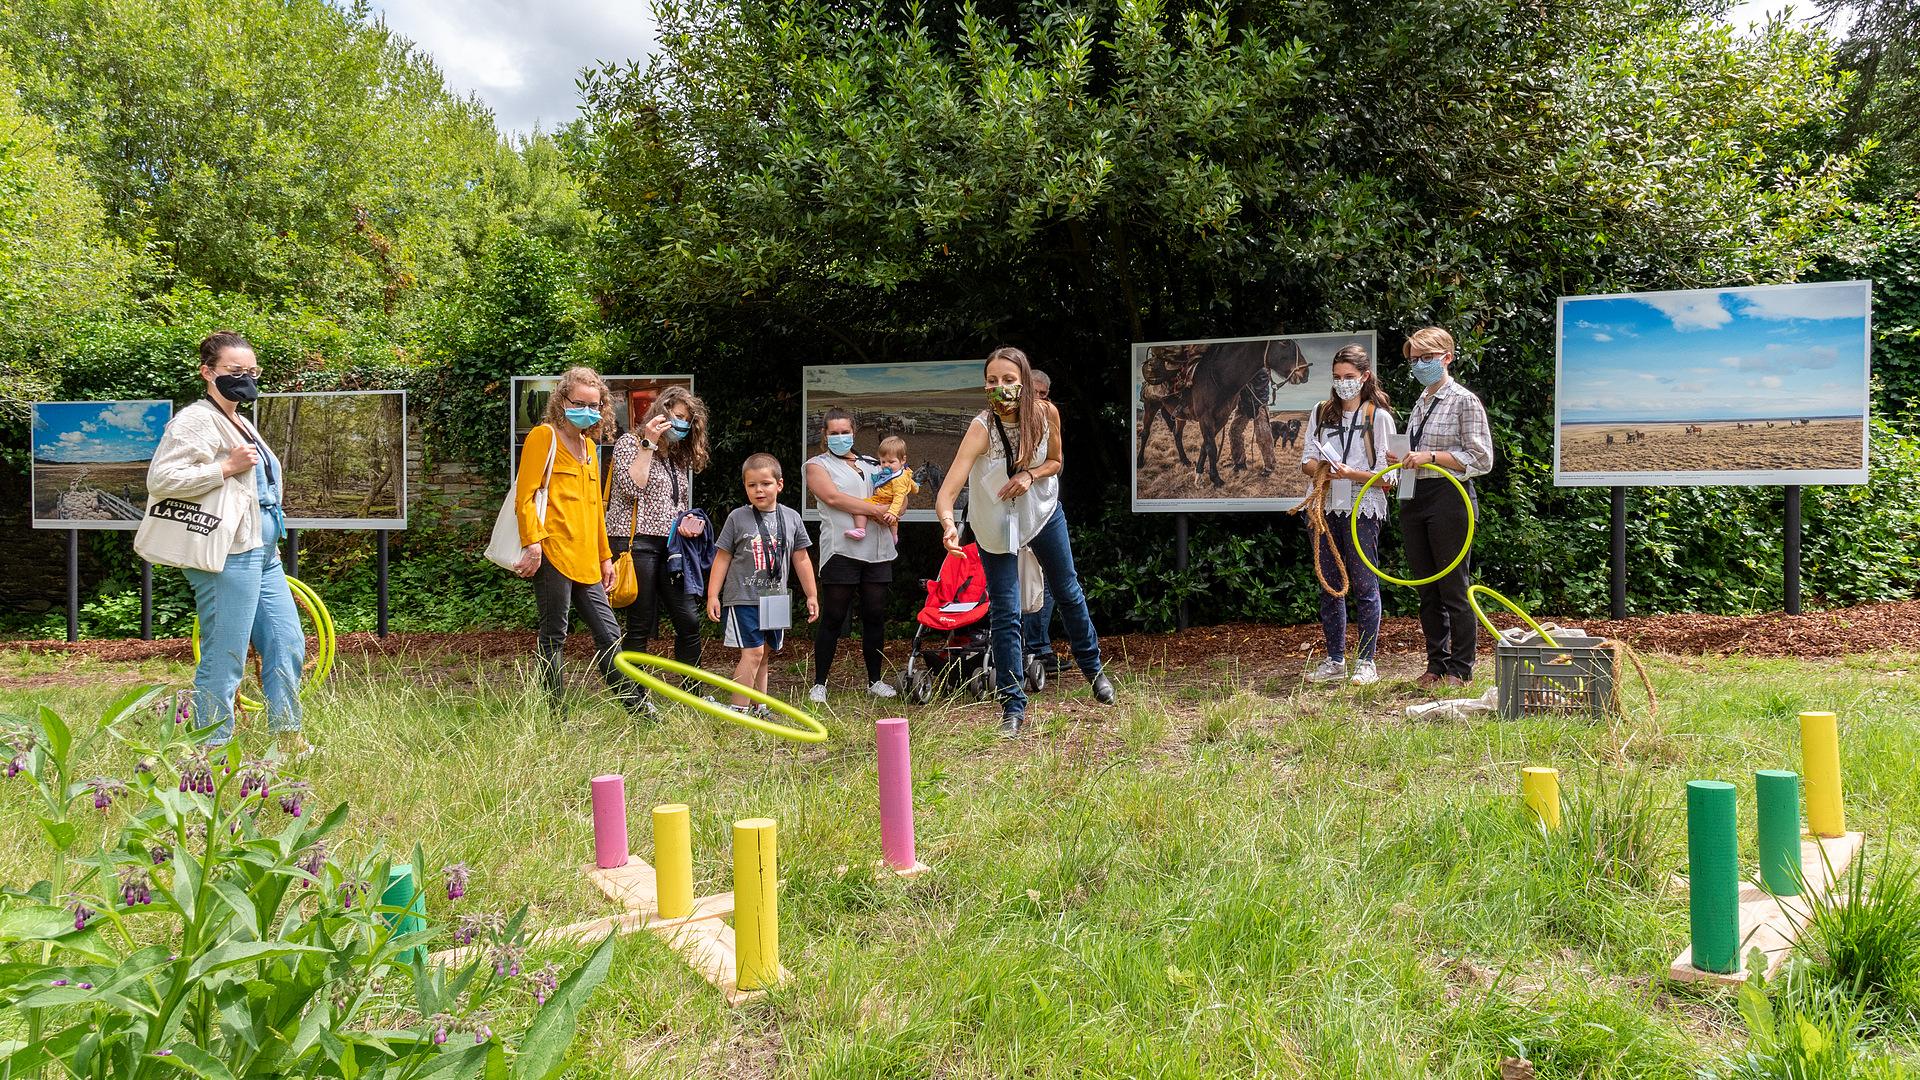 Visite-Jeu en famille – Journées européennes du Patrimoine au Festival Photo La Gacilly